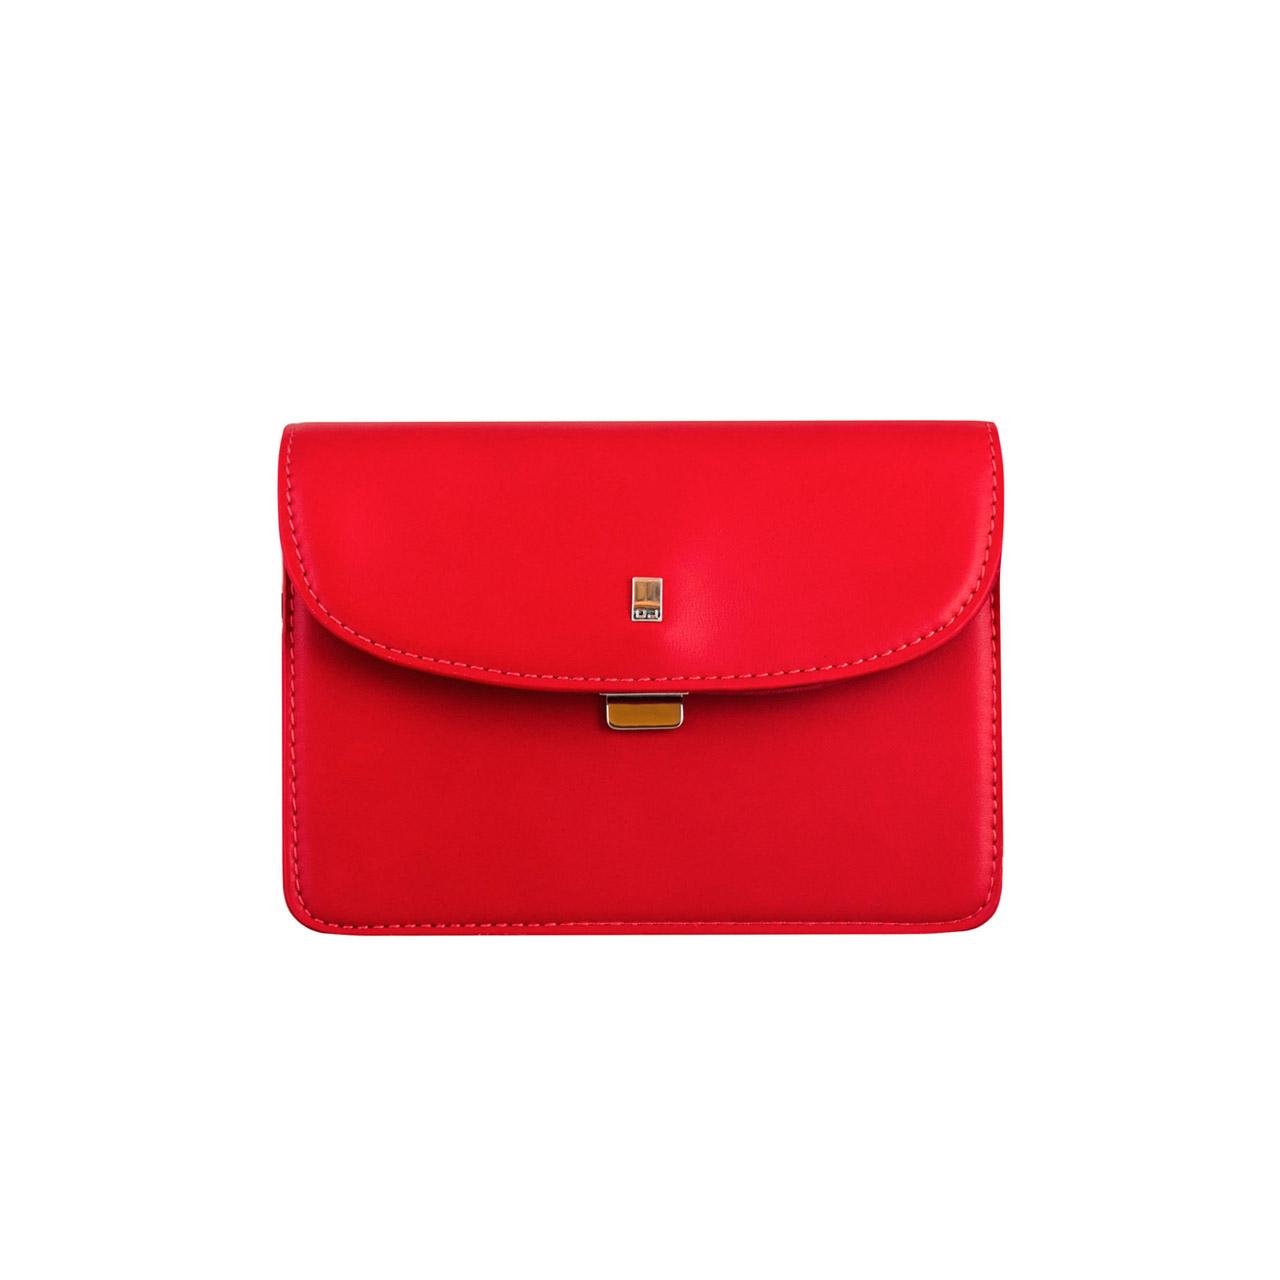 قیمت کیف دستی زنانه دیوید جونز مدل 5958-2